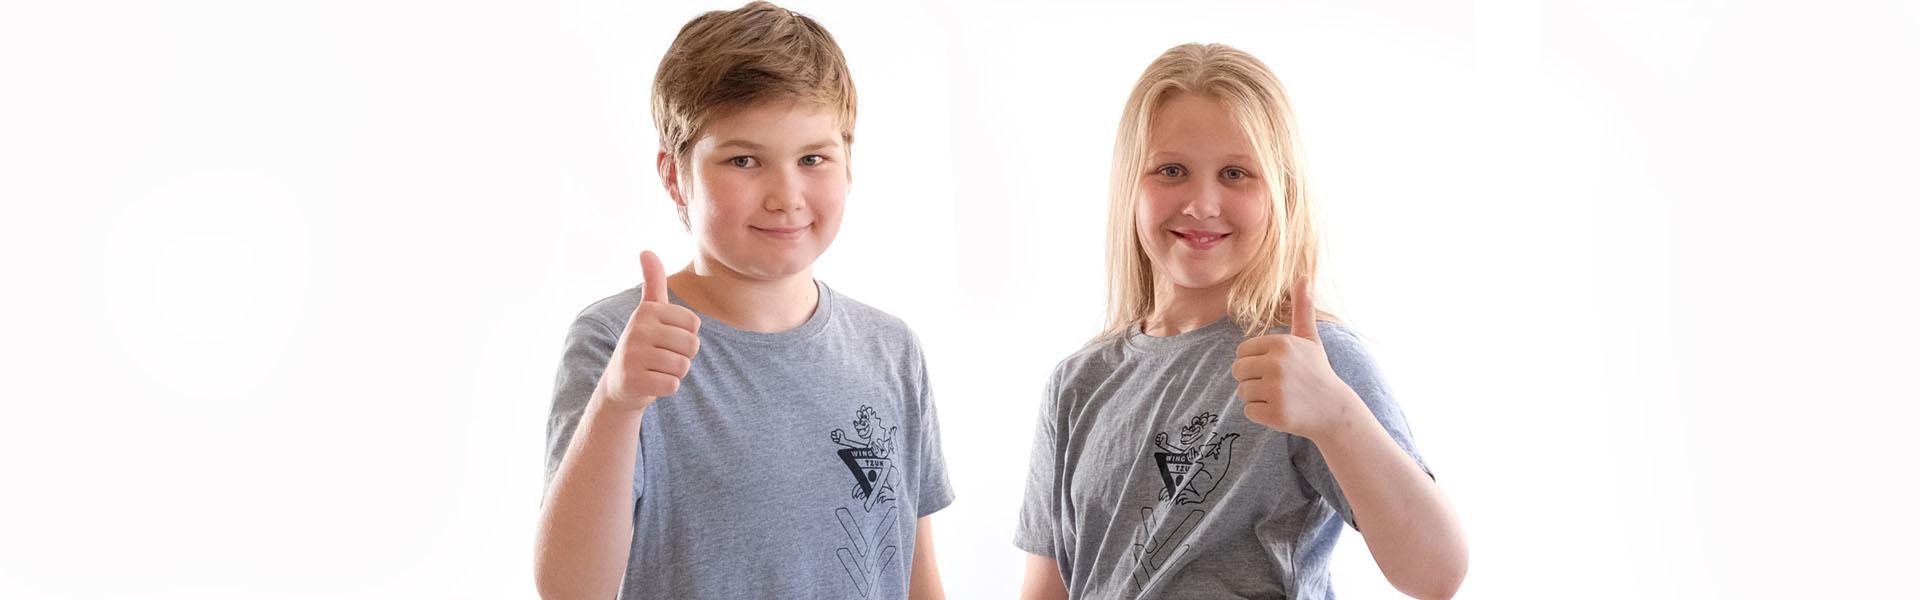 Selbstverteidigung für Kinder, Kids Kung Fu, Stuttgart